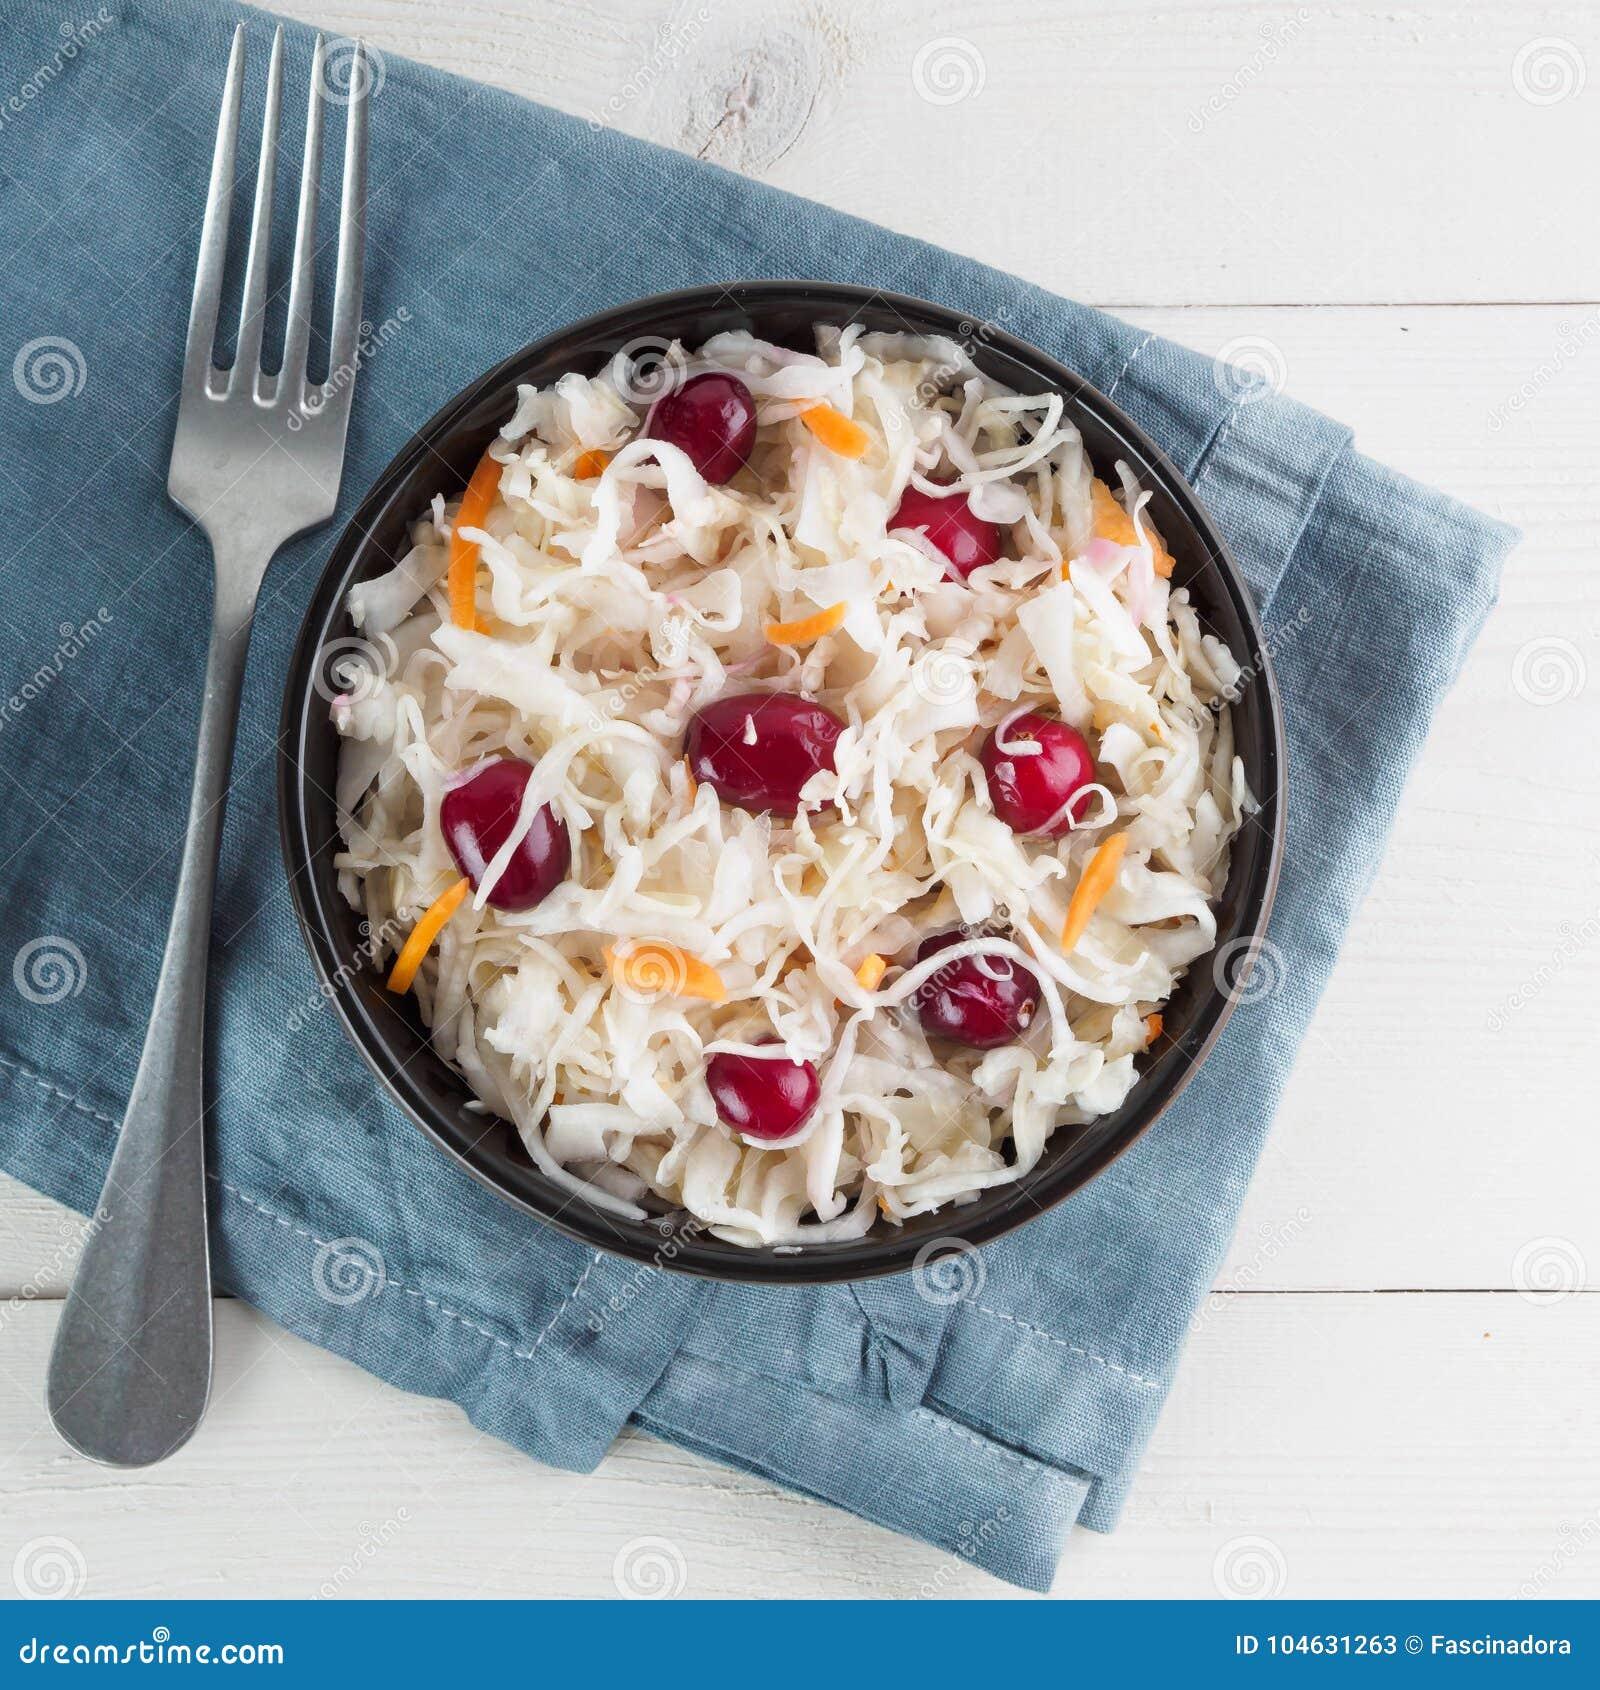 Download Zuurkool Met Amerikaanse Veenbes En Wortel Stock Afbeelding - Afbeelding bestaande uit cuisine, kool: 104631263